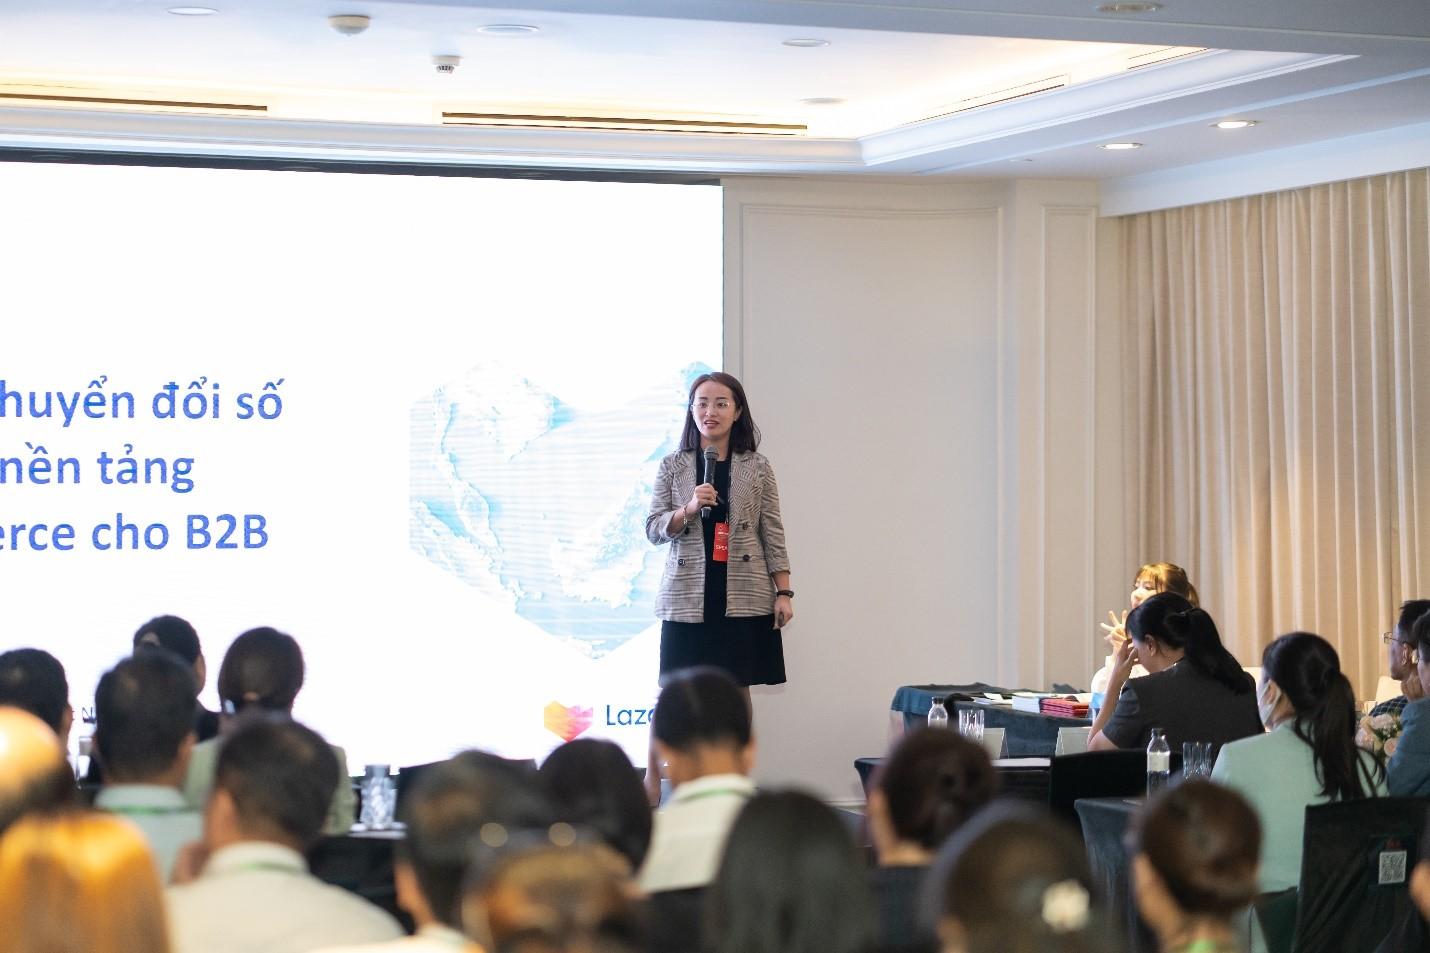 Buổi tọa đàm - kết nối doanh nghiệp: Giải pháp cho bài toán ứng dụng Marketing kỹ thuật số vào kinh doanh 3